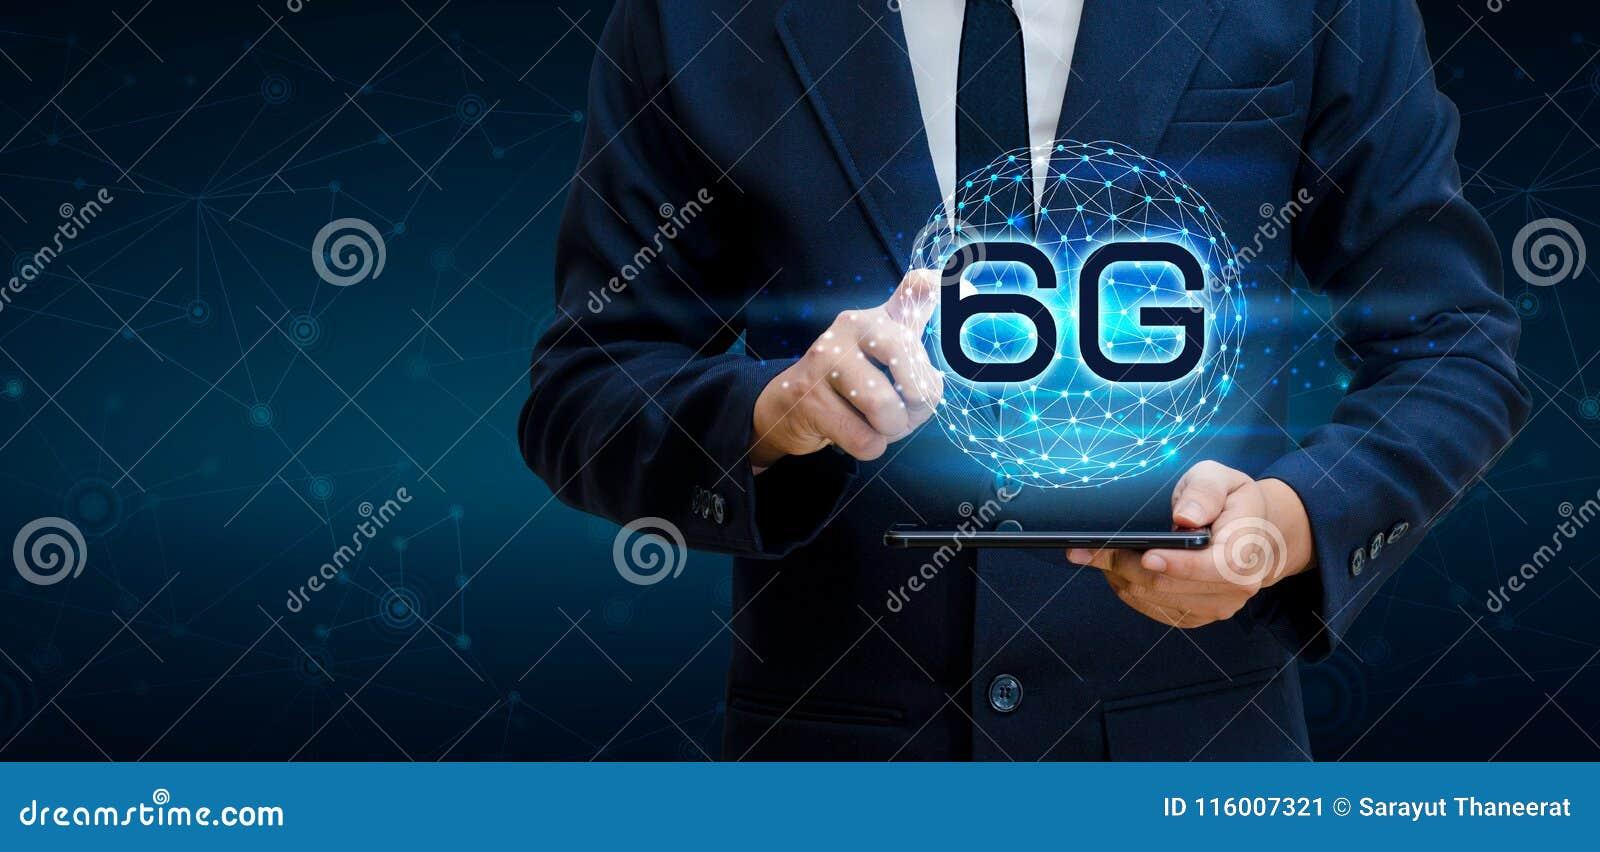 Telefoon6g de Aardezakenman verbindt kelnershand wereldwijd houdend een lege digitale tablet aan slim en 6G conc netwerkverbindin